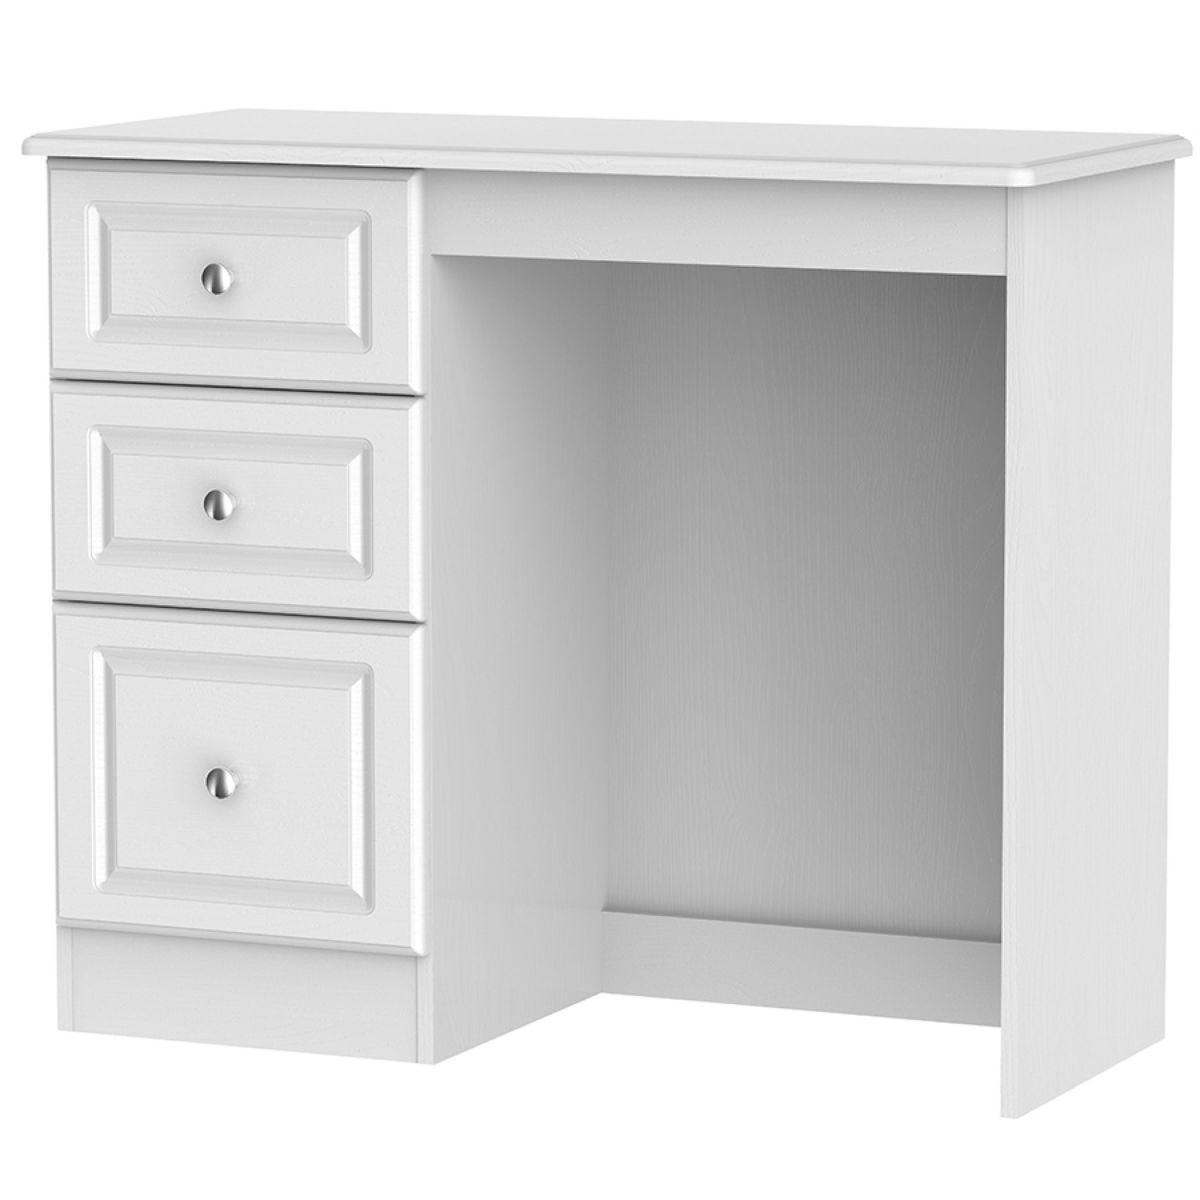 Montego Dressing Table - White